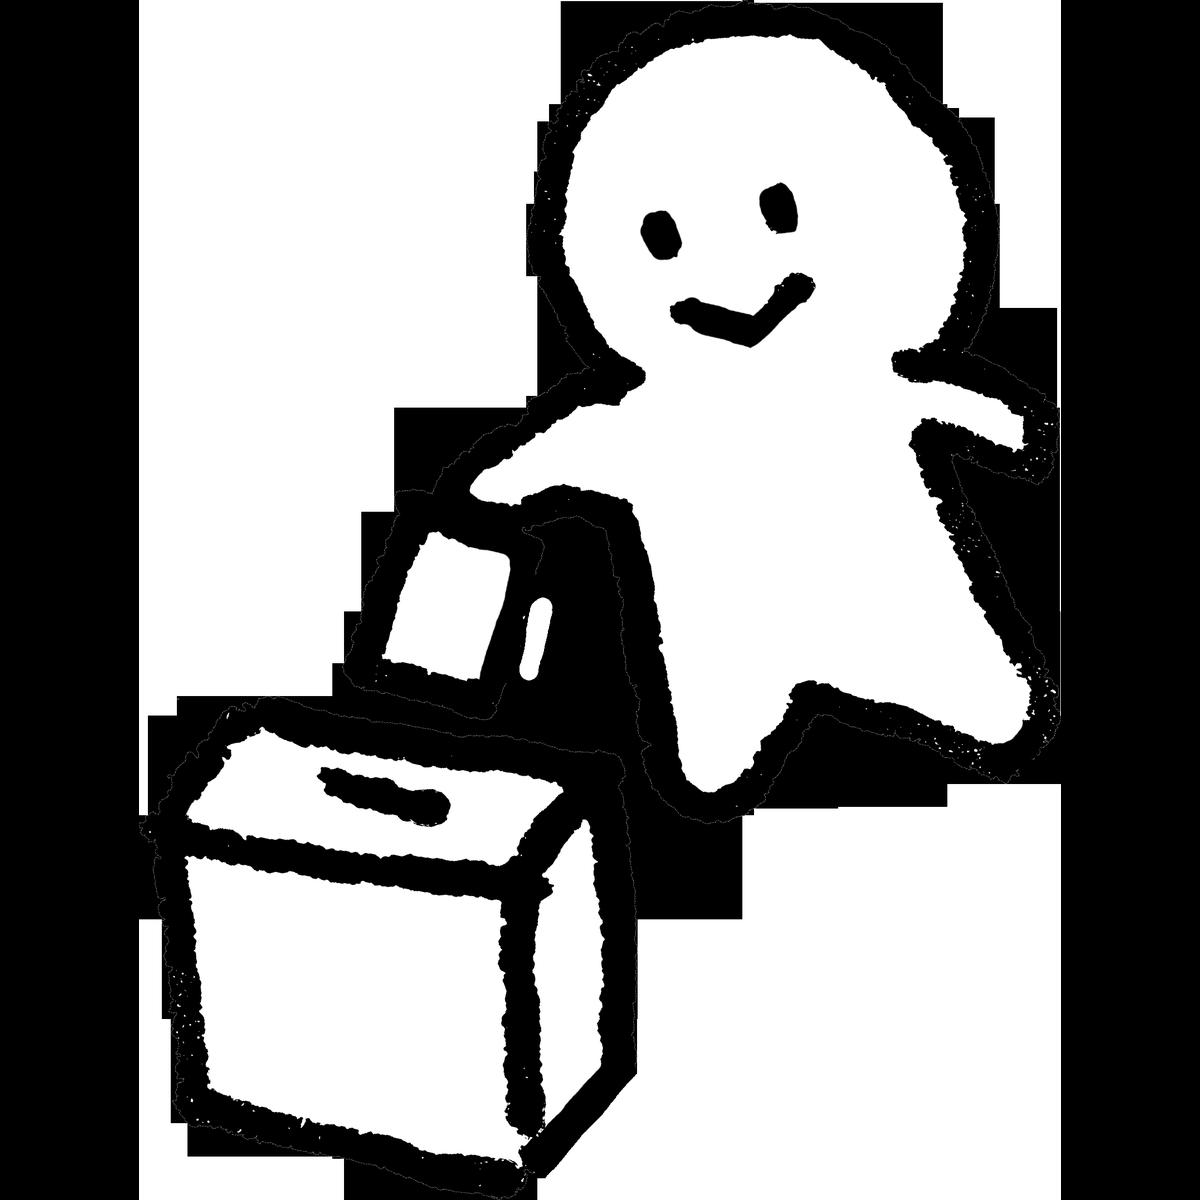 紙を箱に入れる/選挙2 のイラスト election_illust